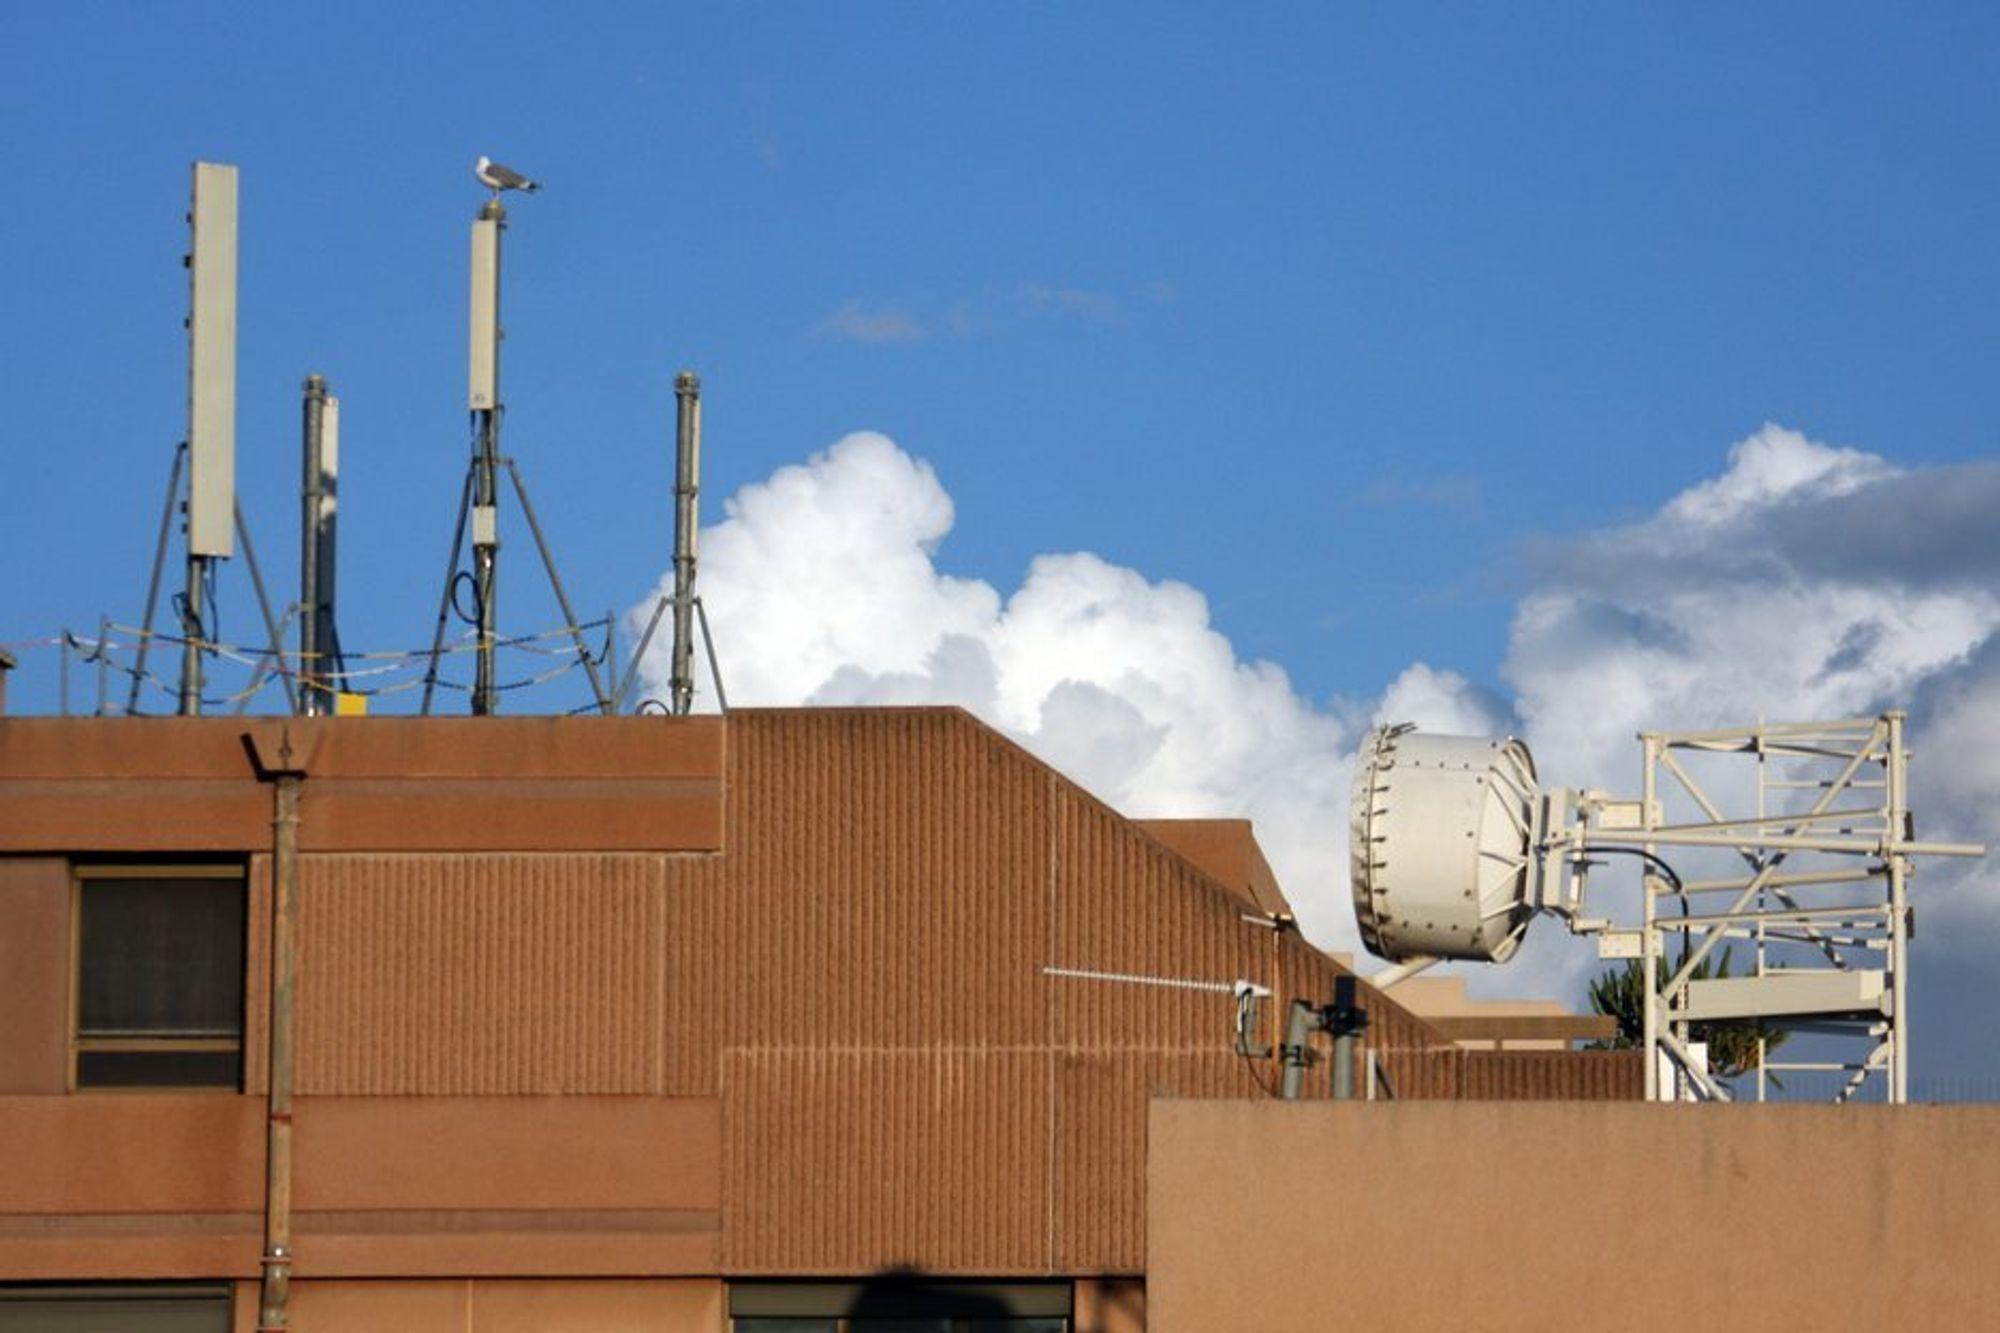 Informasjonen om stråling fra mobiler og andre kilder har vært for dårlig, mener Helsedirektoratet.